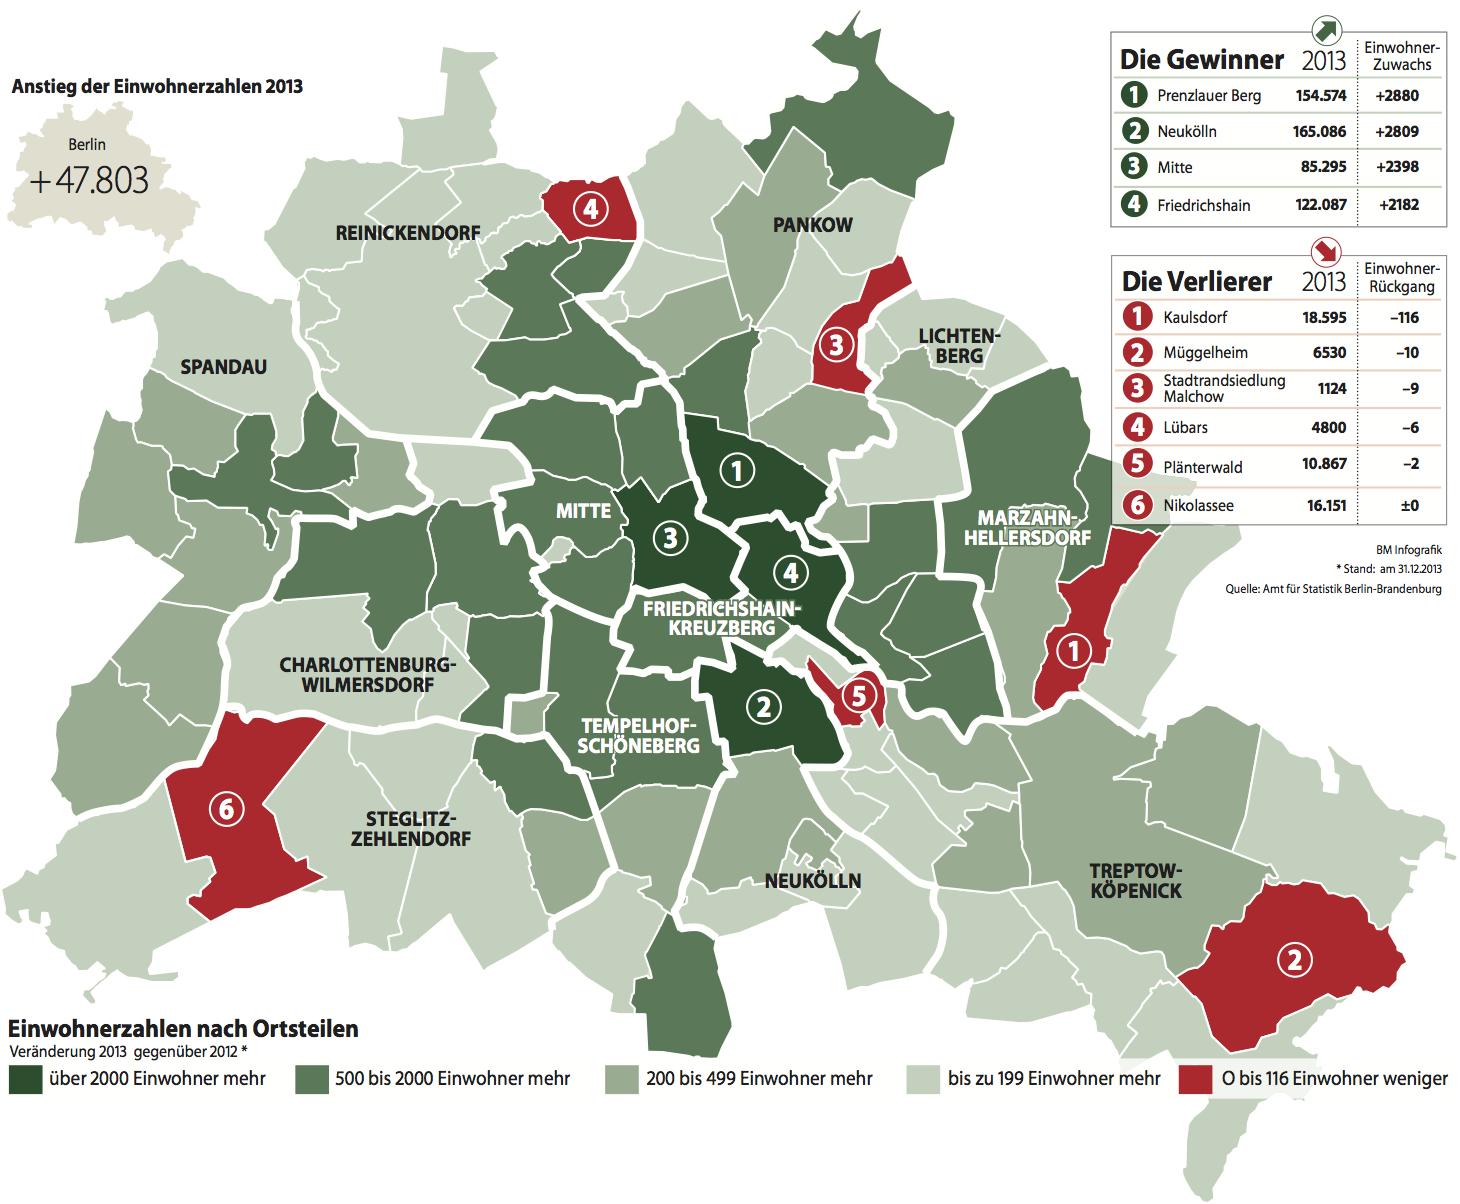 Einwohner nach Ortsteilen